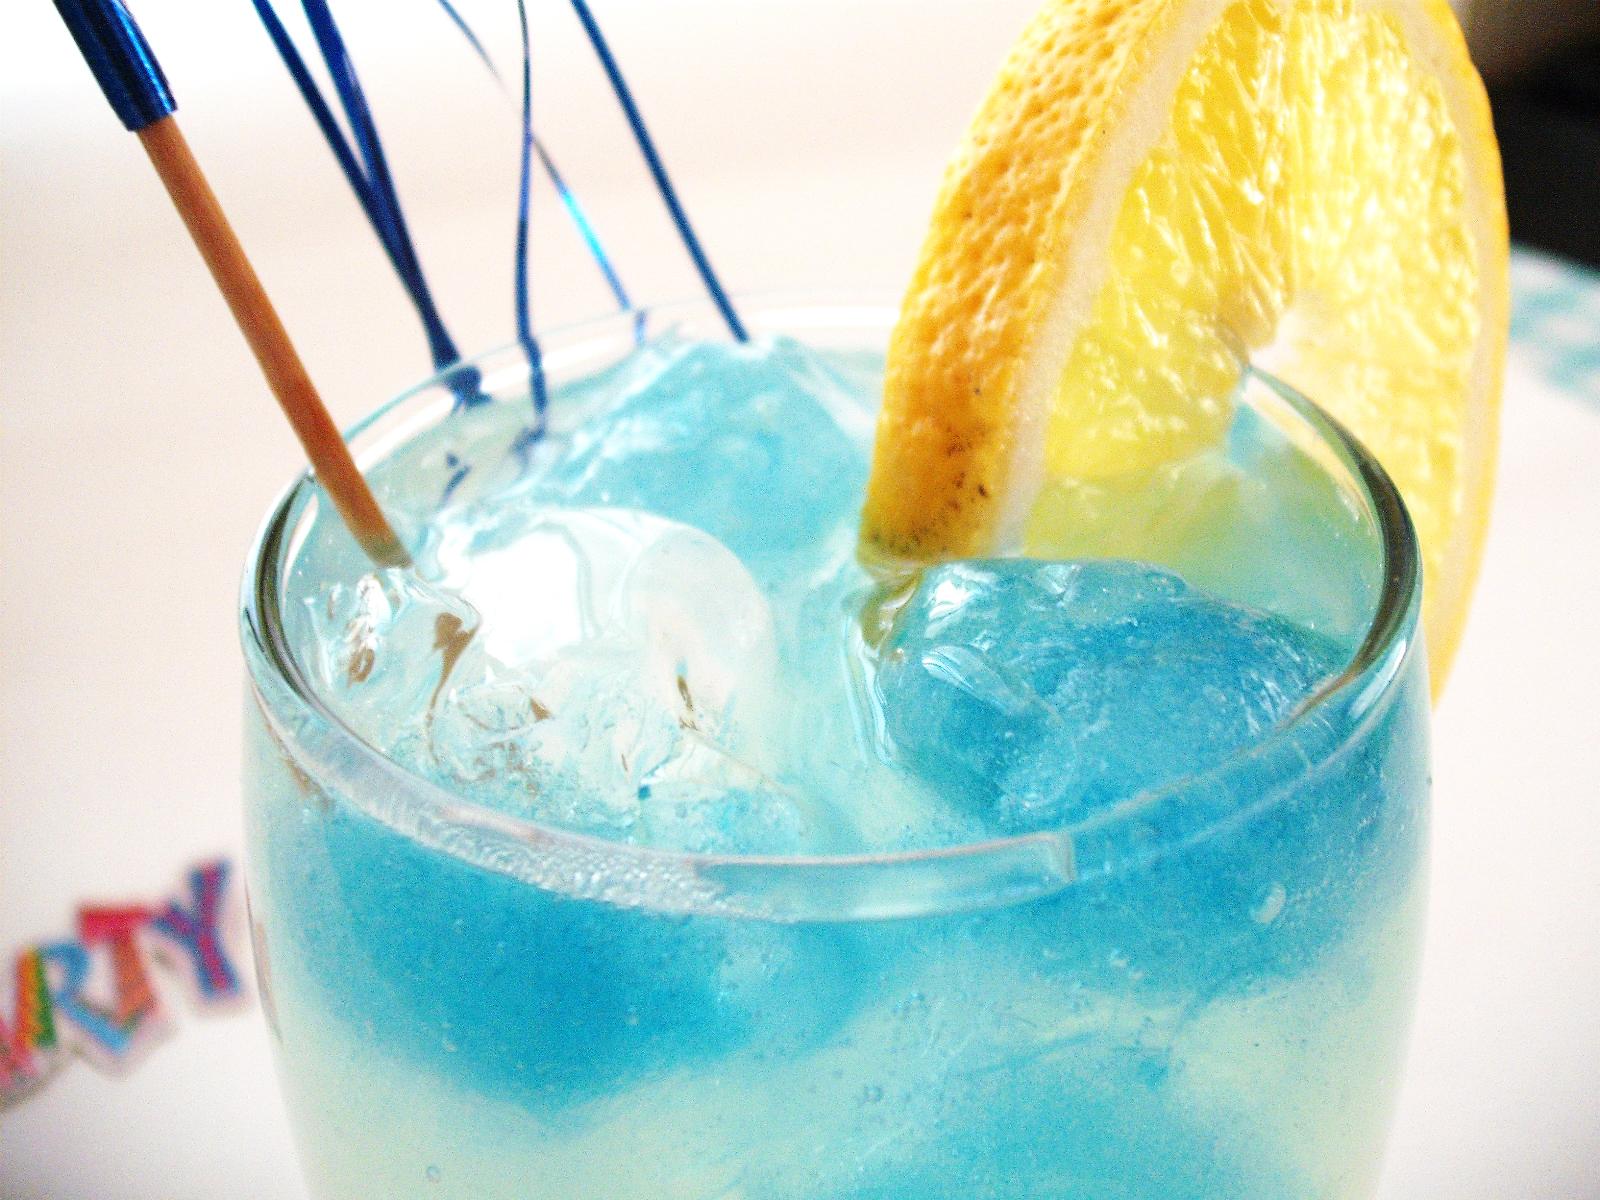 Λεμονάδα με μπλε πάγο